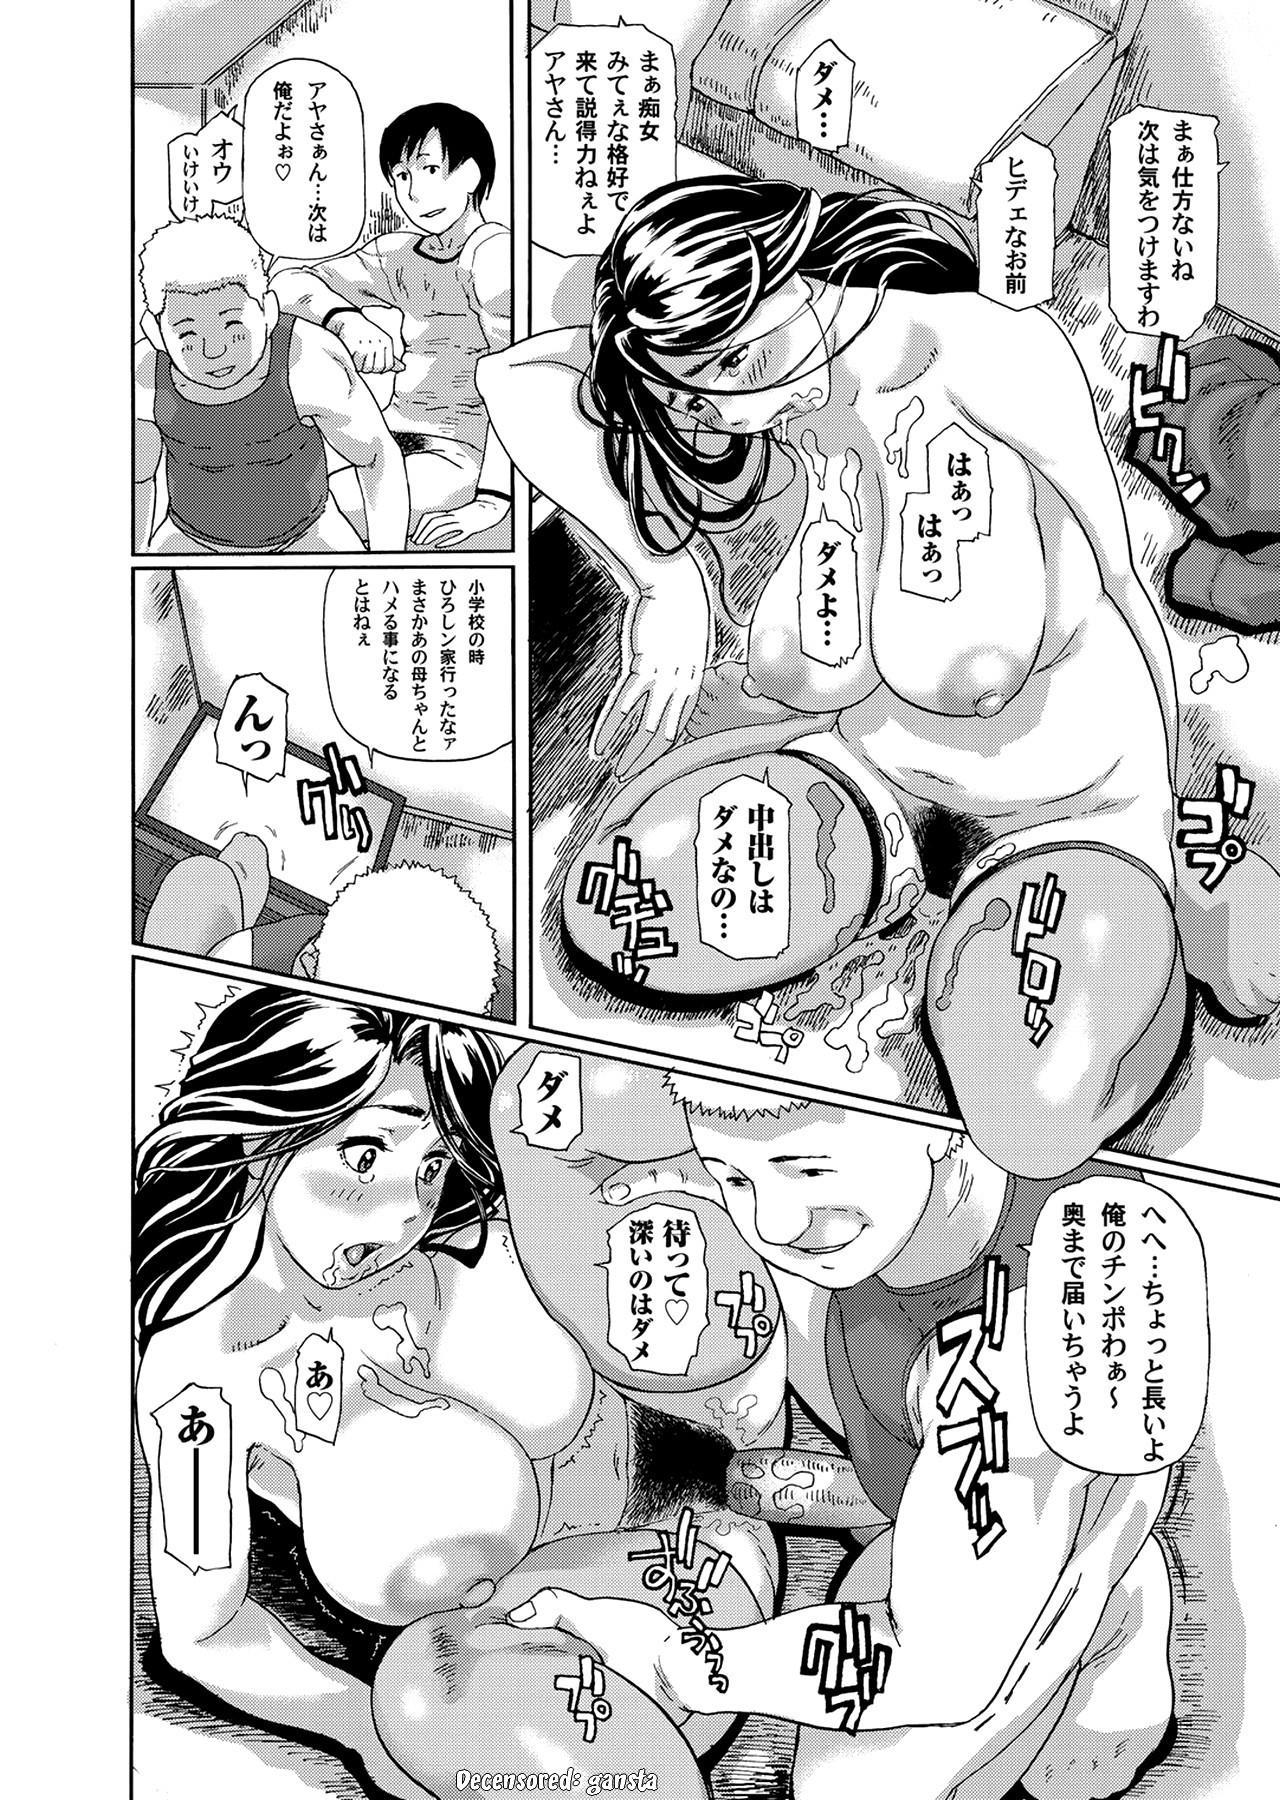 Boku no Hentai Okaa-san 11